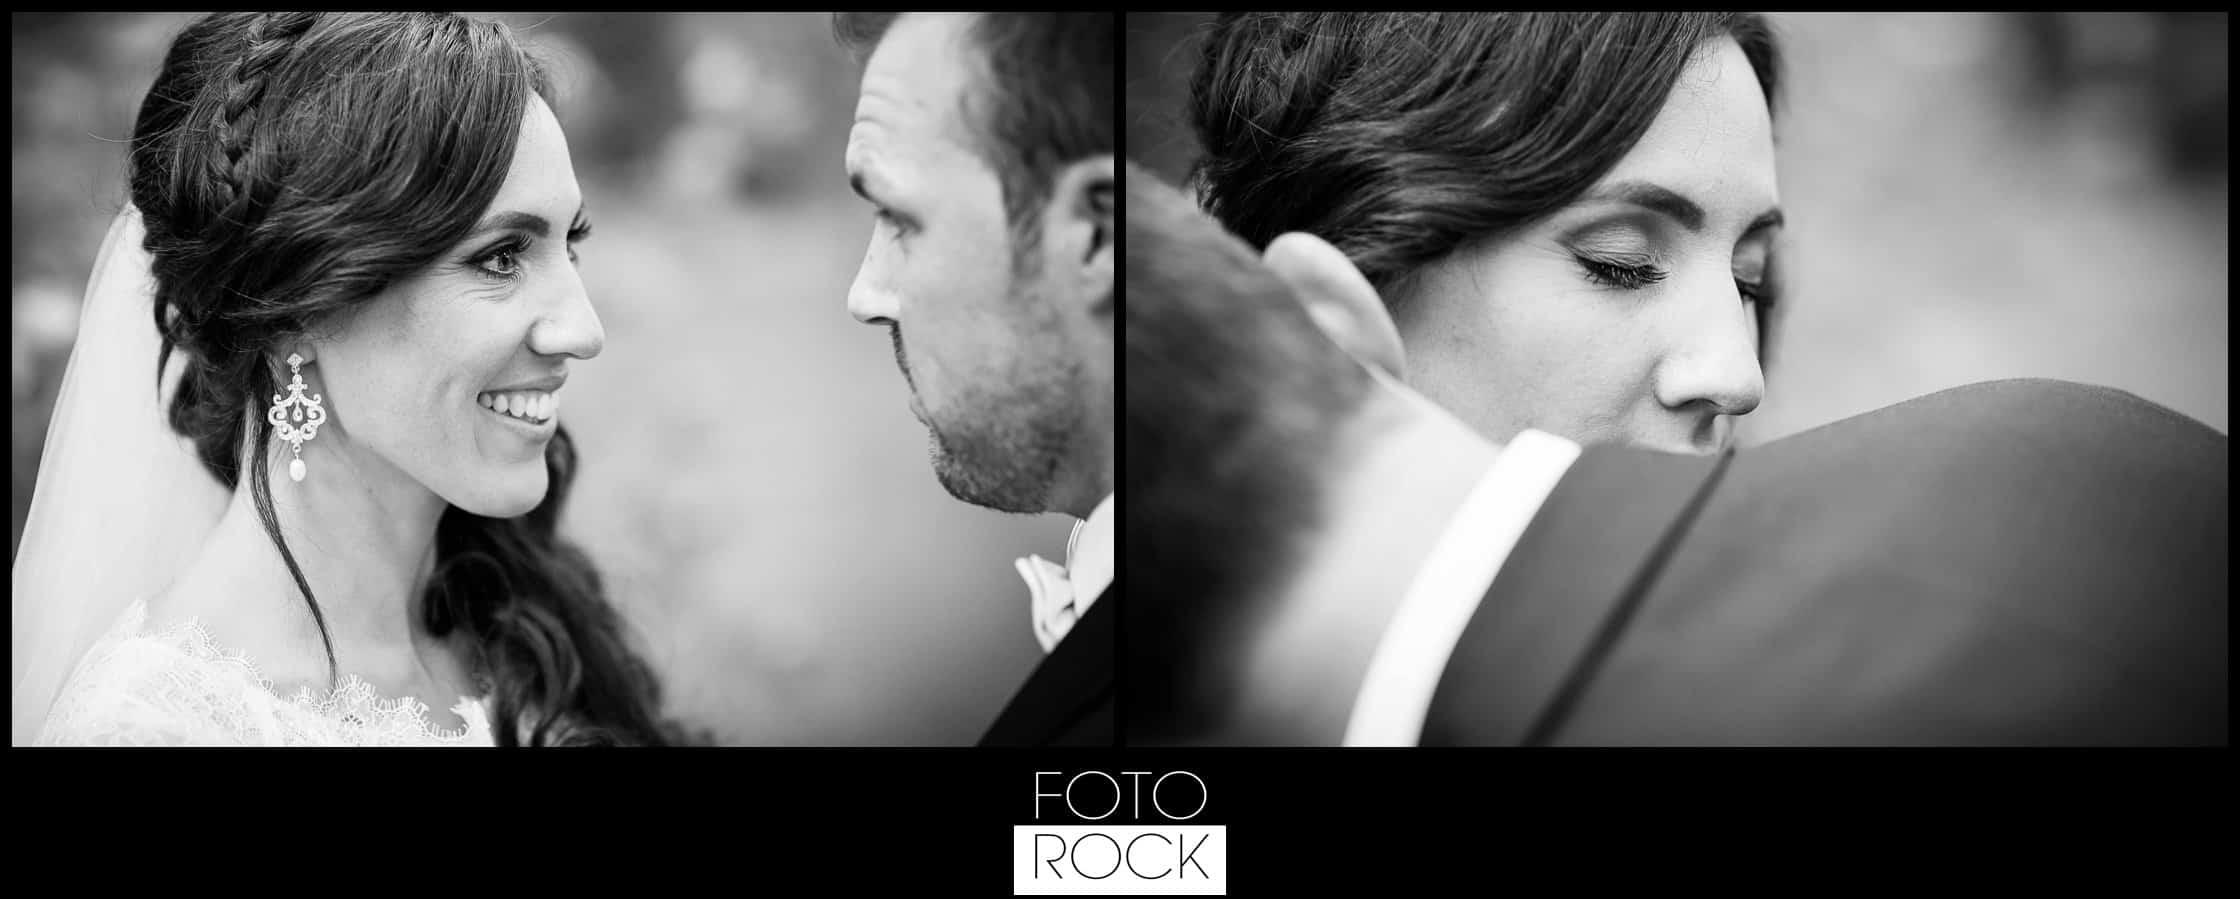 Hochzeit Lilienhof Ihringen Fotoshooting Photoshooting Brautpaar Kuss